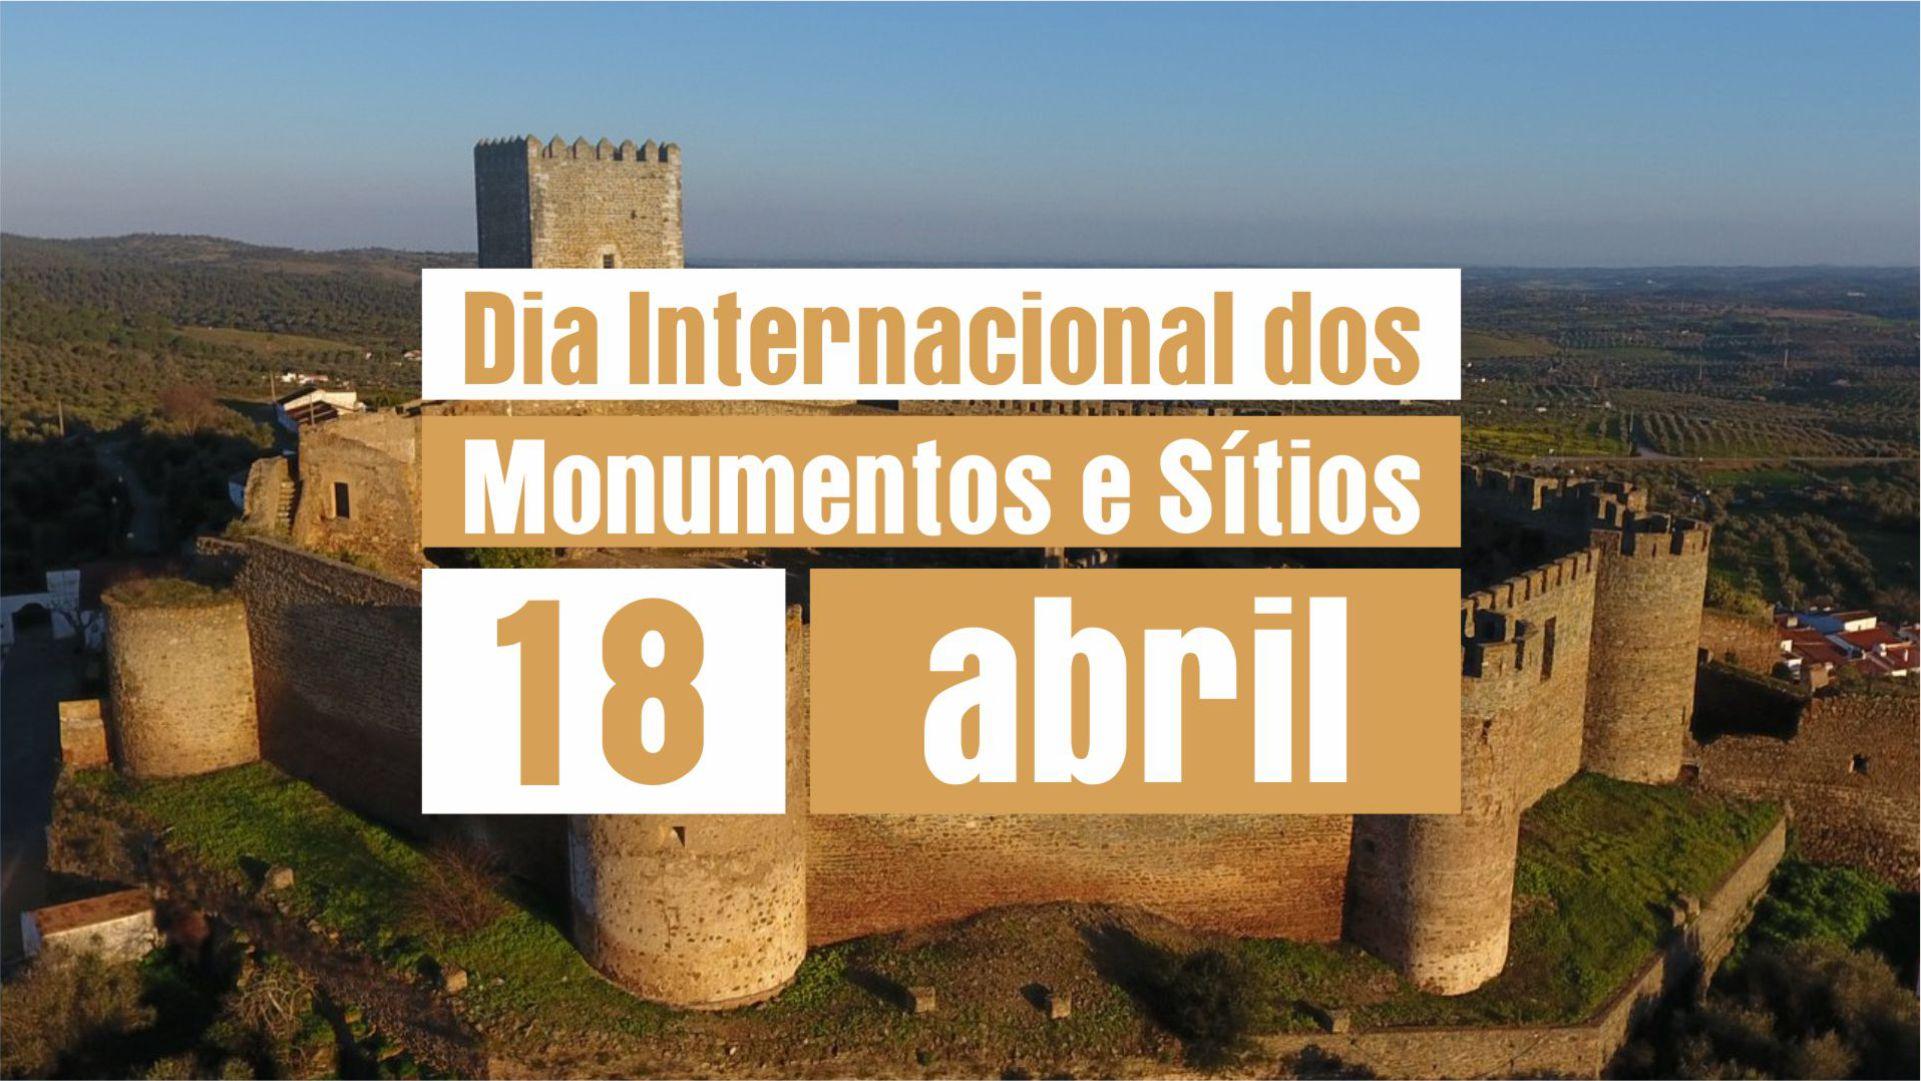 FESTA COM LIVROS 2021 – Dia Internacional dos Monumentos e Sítios